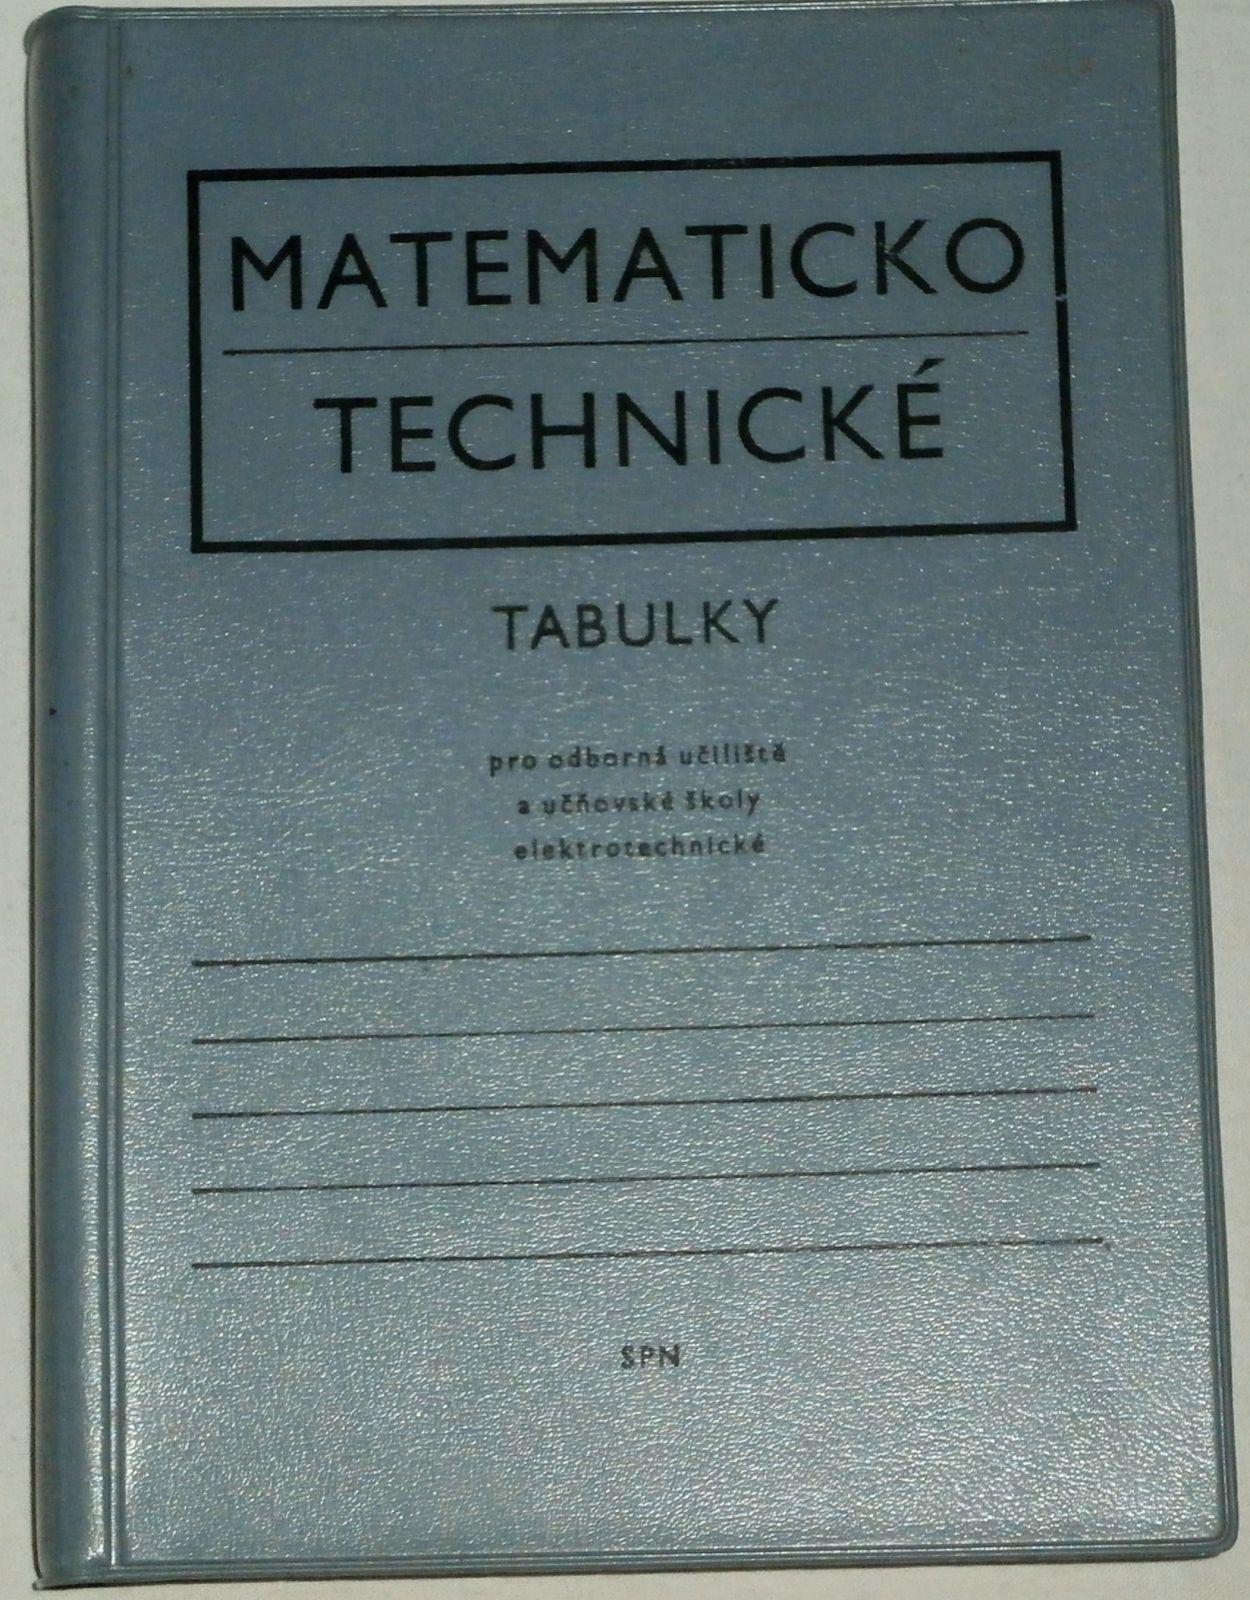 Matematickotechnické tabulky pro odborná učiliště a učňovské školy elektrotechnické